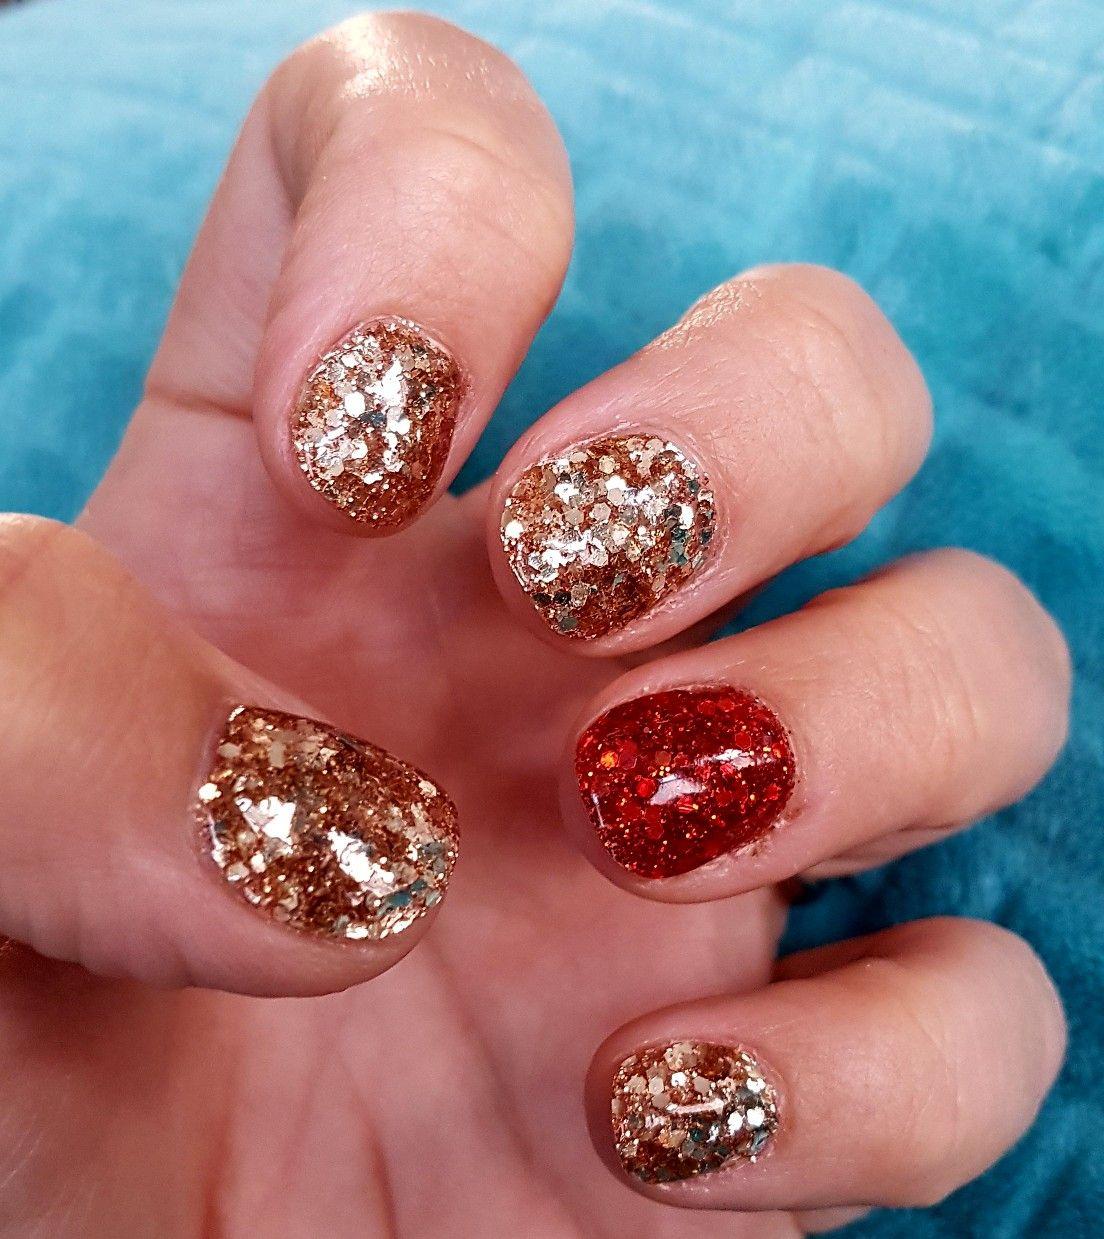 Christmas Dipping Powder Nails Dip Powder Nails Powder Nails Holiday Nails Christmas